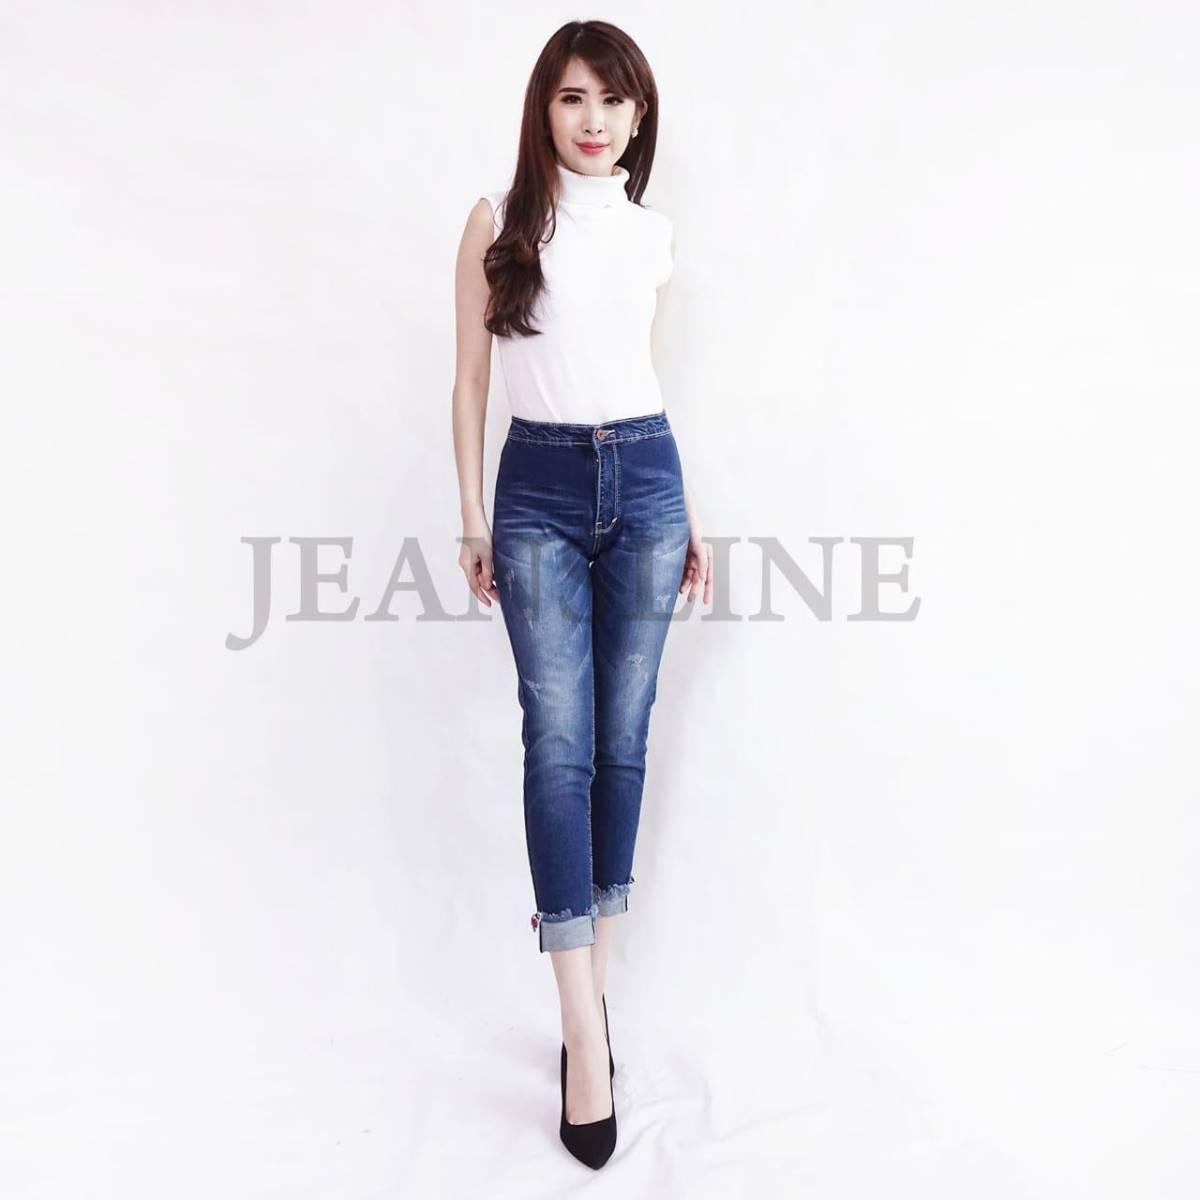 Celana Panjang Jeans Wanita - Paket 12 Pcs (size 31, 32, 33, 34)1